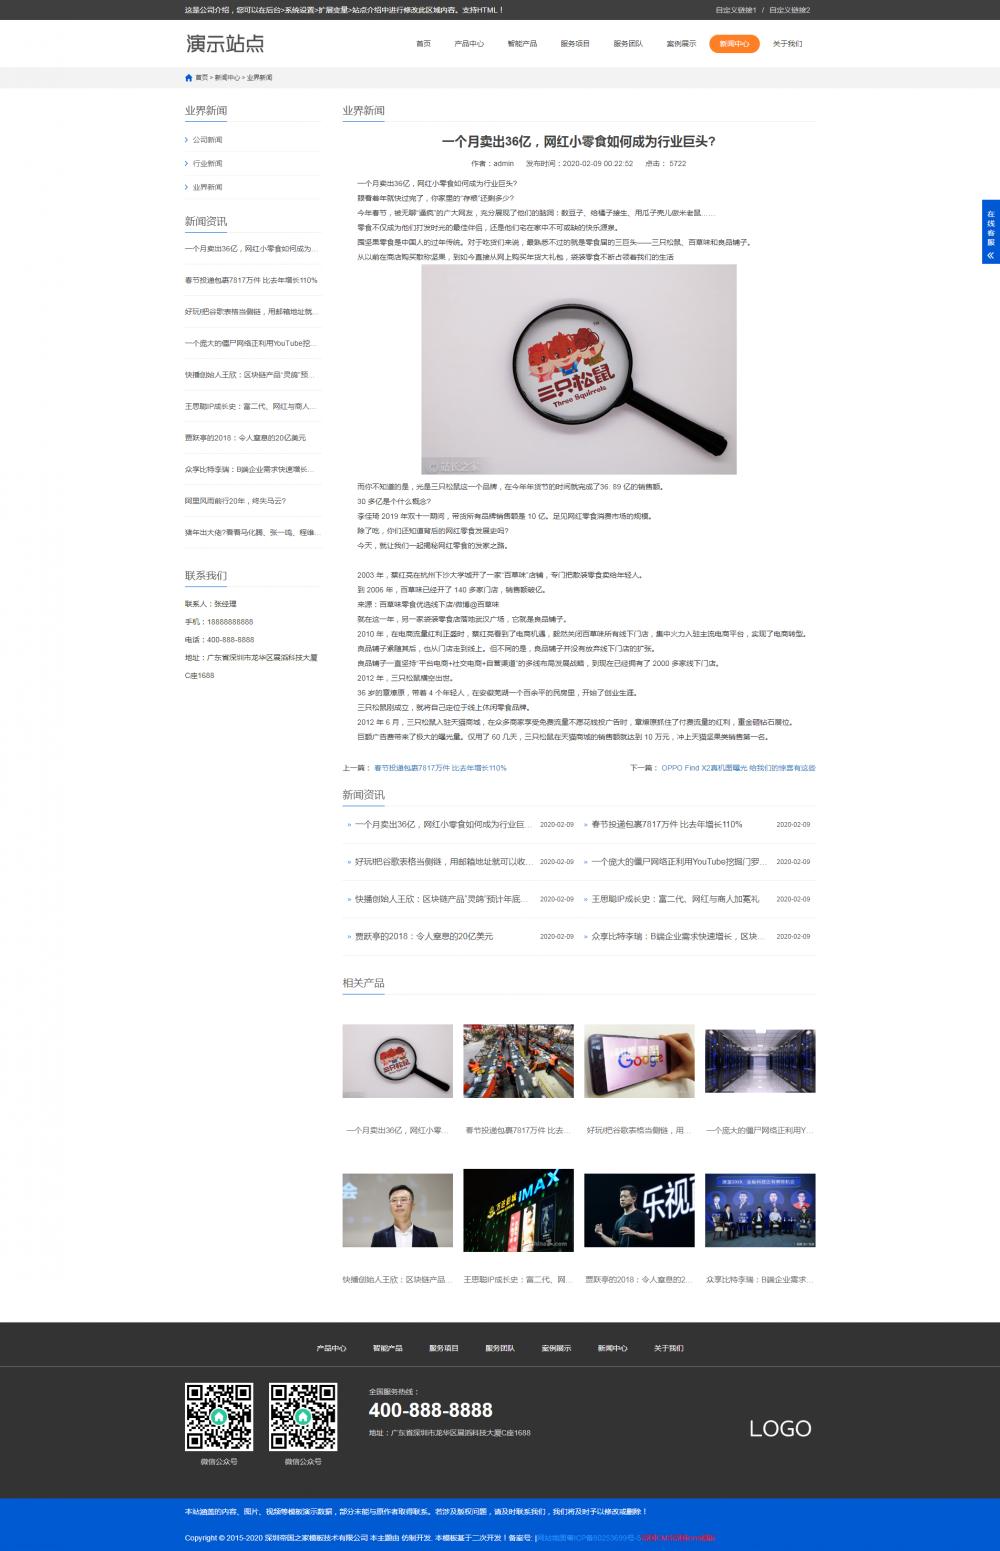 9新闻详情页.png [DG-0149]响应式企业产品展示帝国cms模板 自适应公司企业产品销售模板 企业模板 第9张